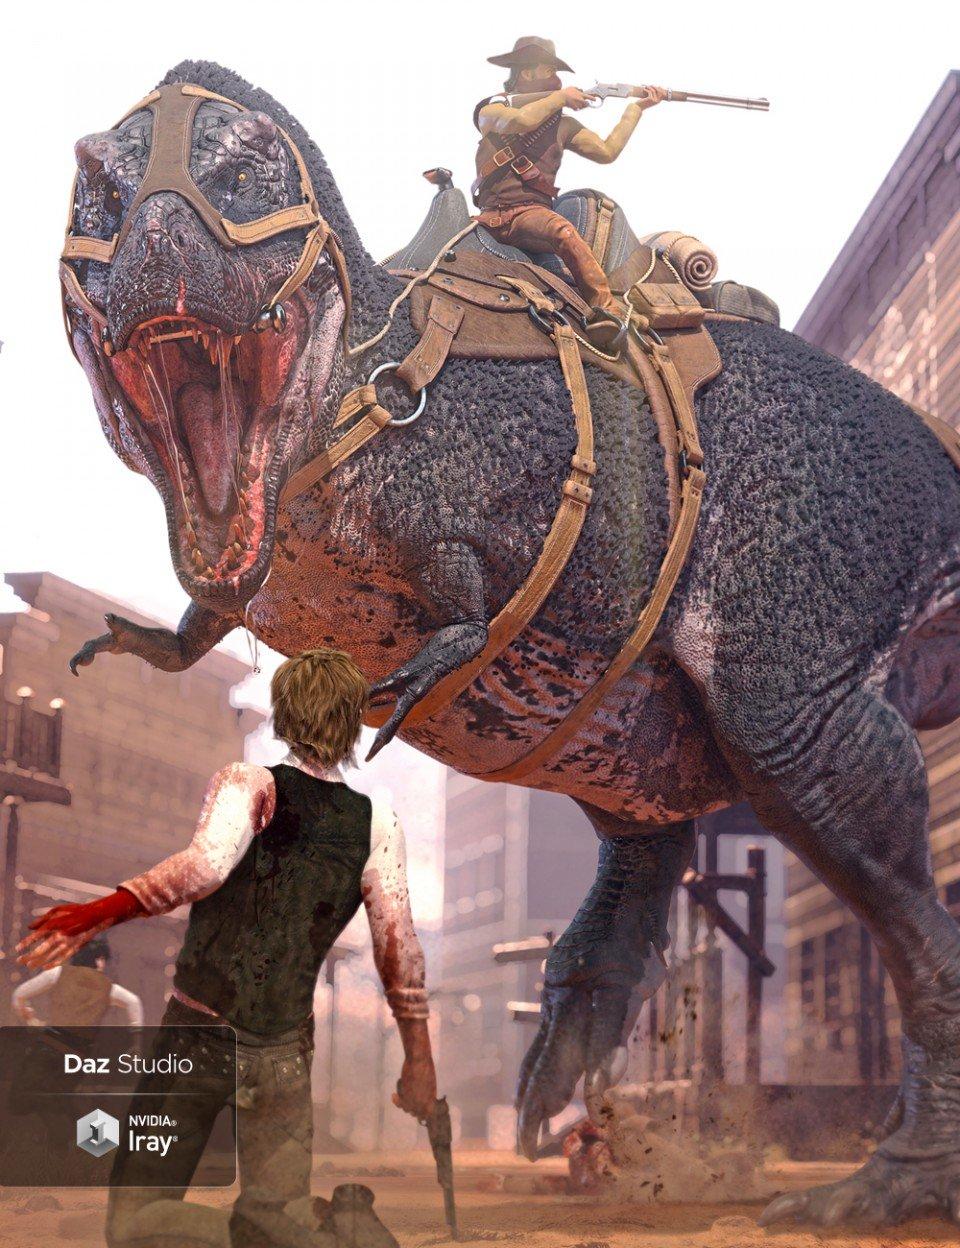 Tyrannosaurus Rex 3 Saddles and Poses_DAZ3D下载站